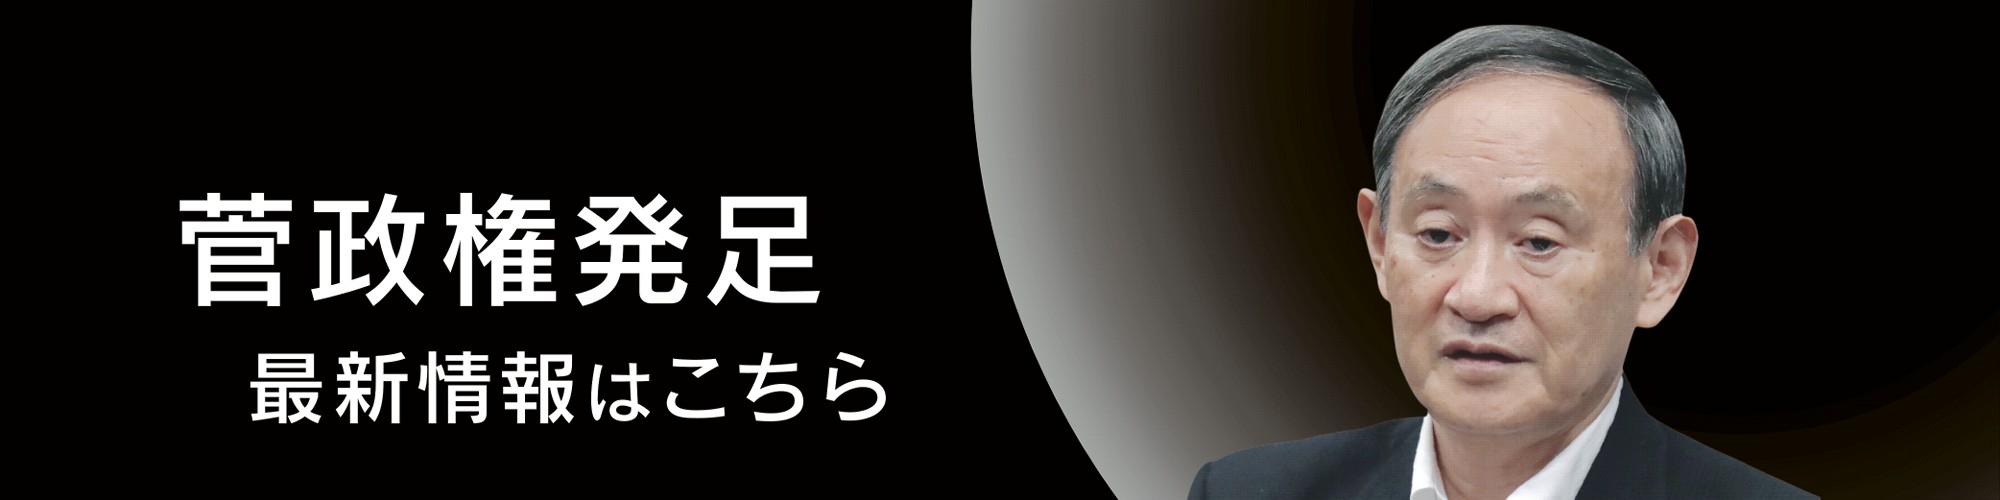 菅政権誕生ドキュメント